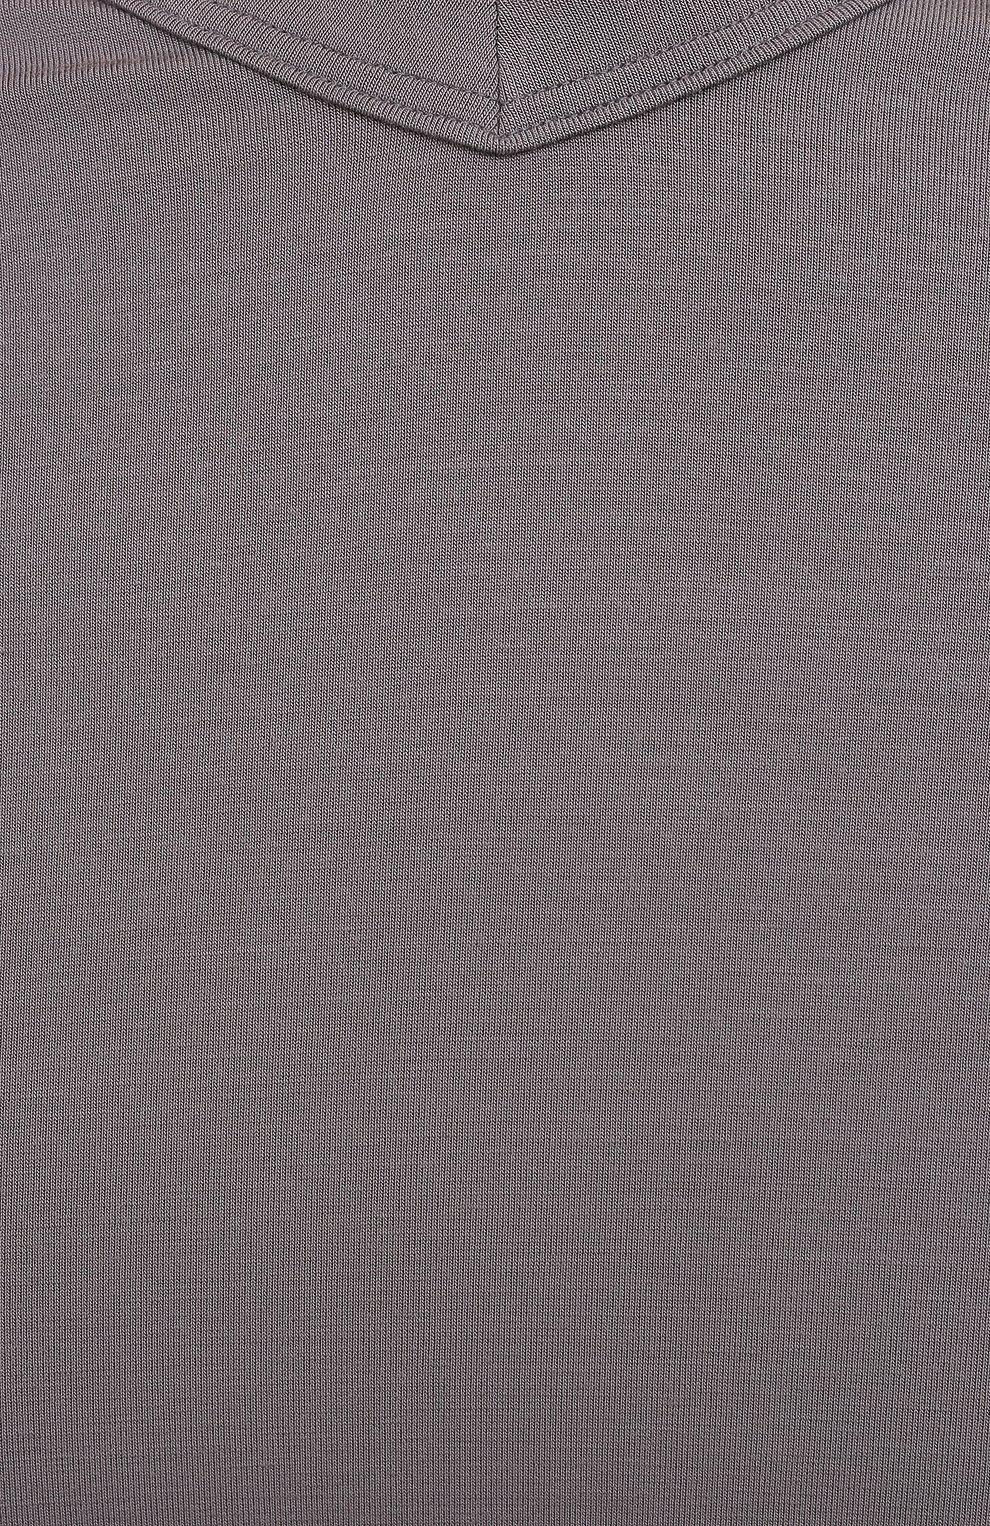 Мужская футболка ZIMMERLI серого цвета, арт. 700-1346 | Фото 5 (Кросс-КТ: домашняя одежда; Рукава: Короткие; Материал внешний: Синтетический материал; Длина (для топов): Стандартные; Мужское Кросс-КТ: Футболка-белье)